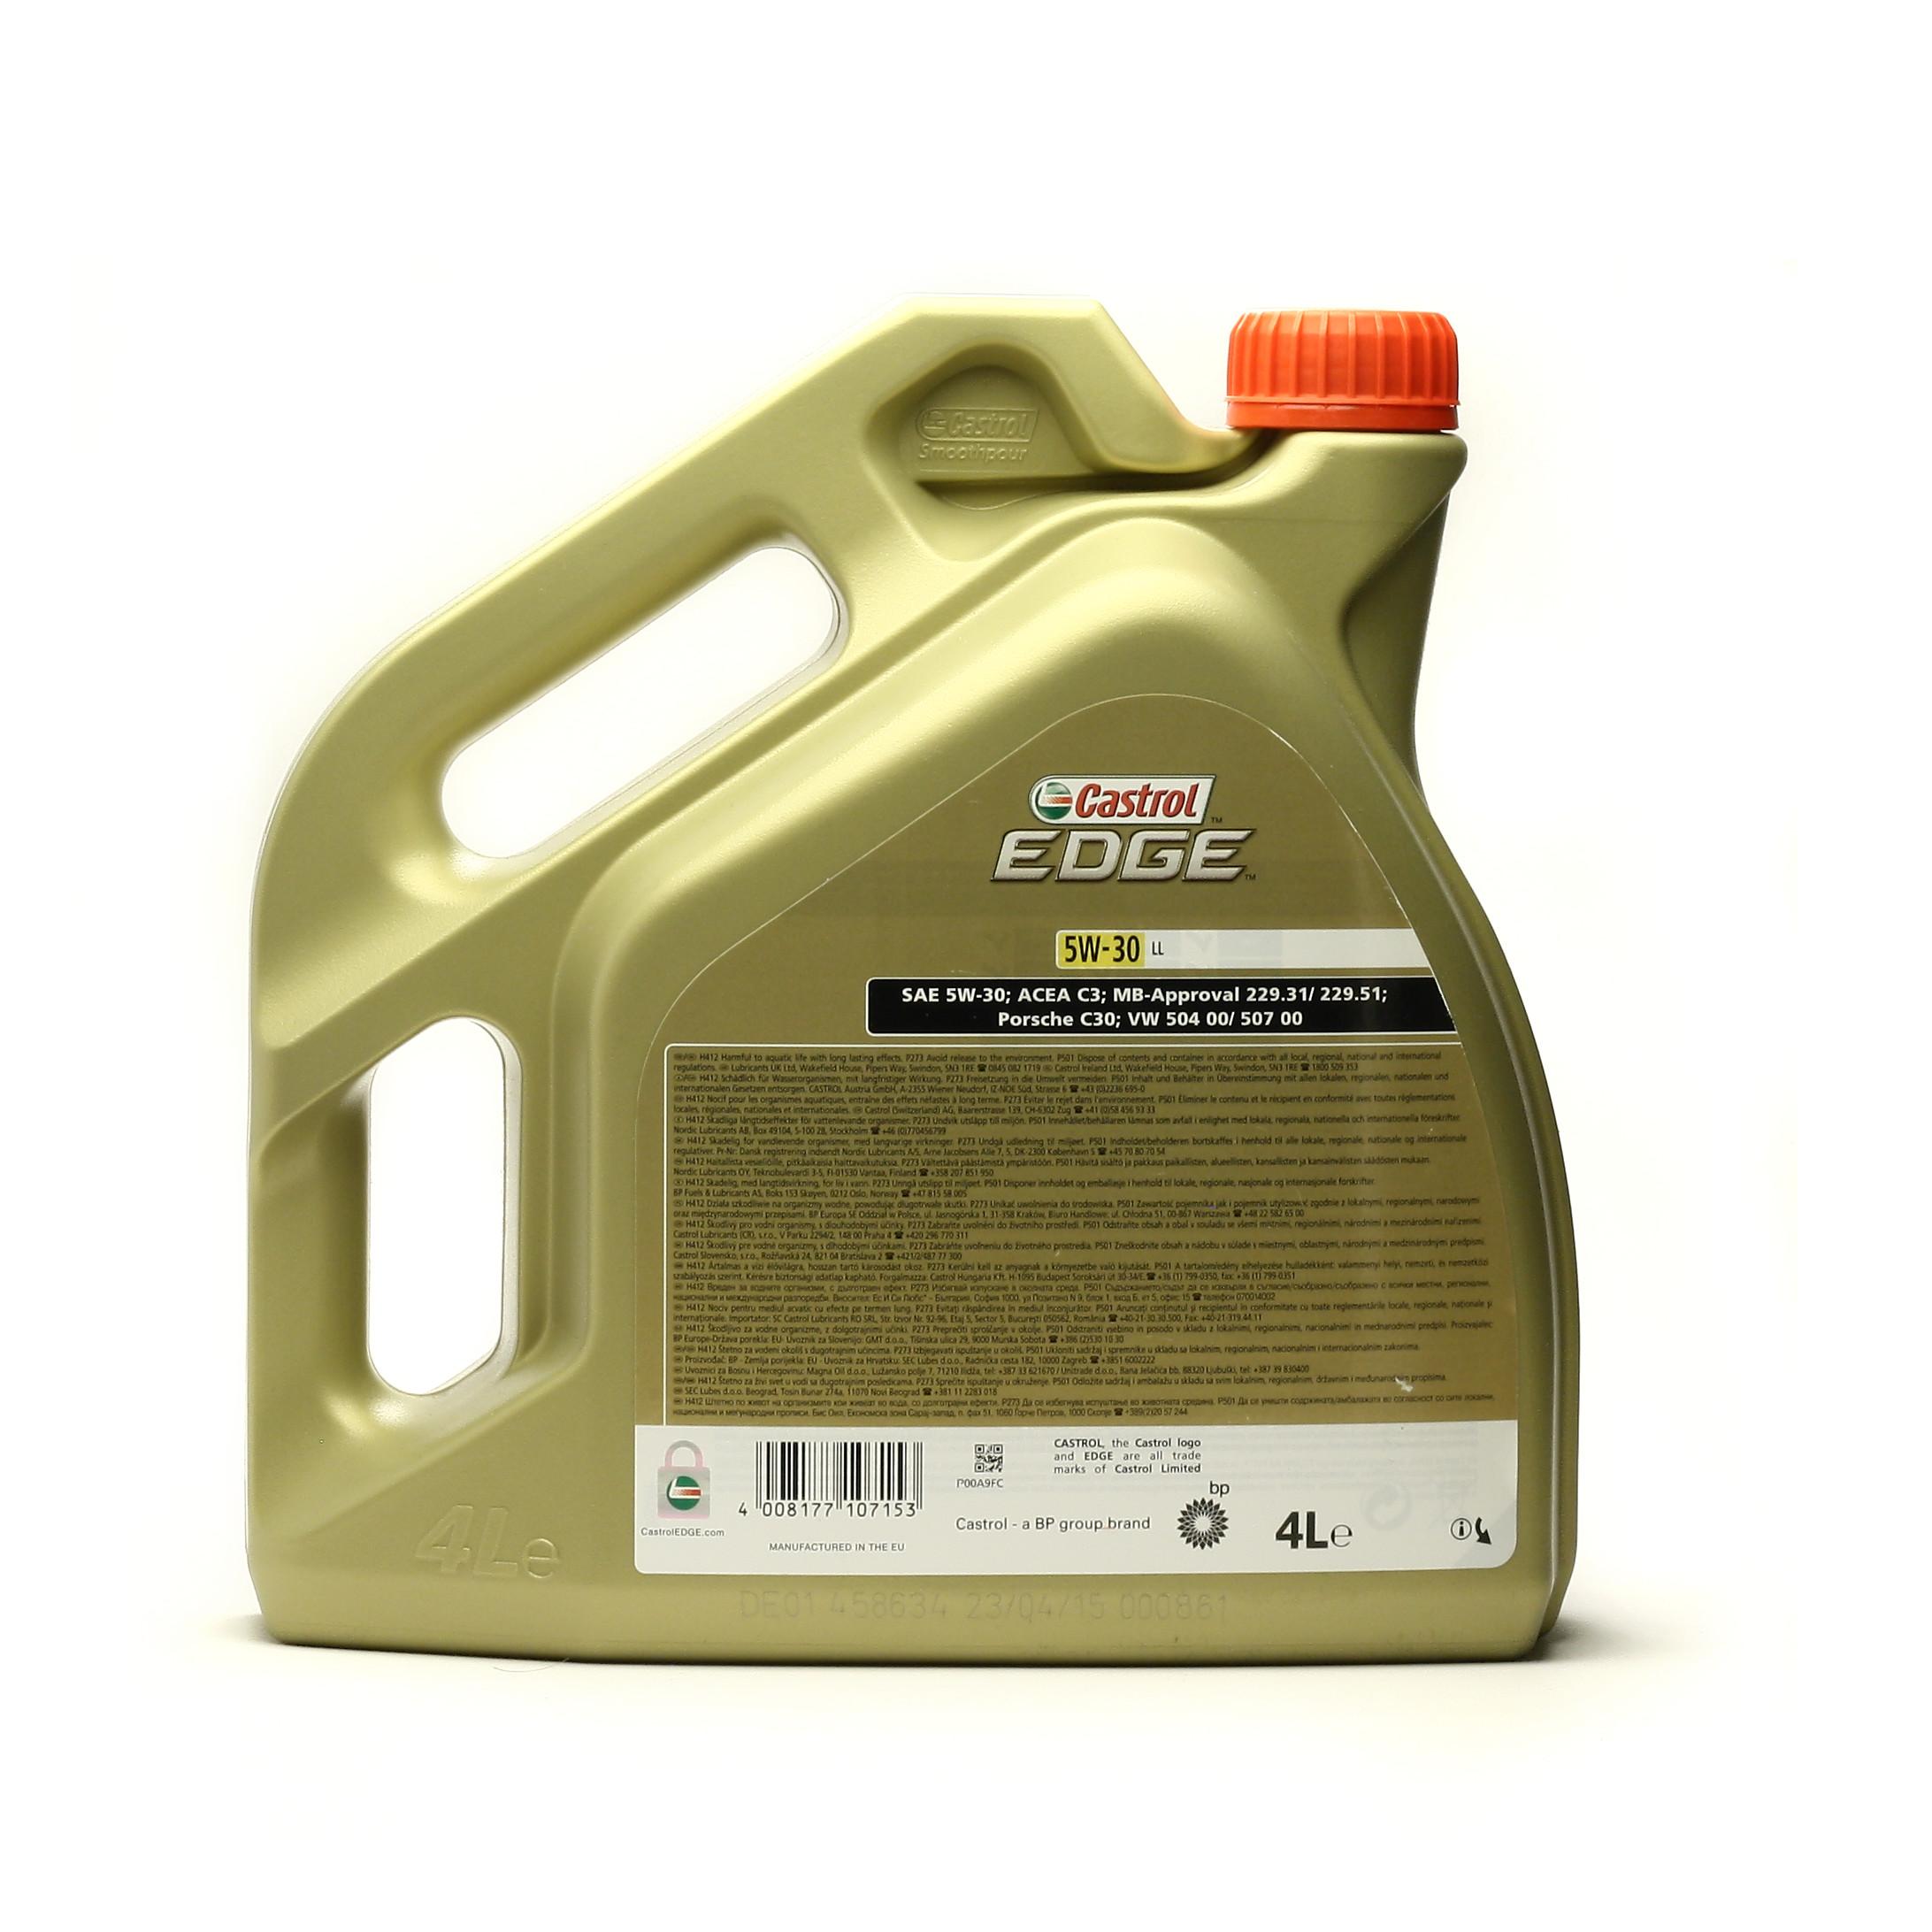 8c2e9e02d16 EDGE 5W30 LL 4L - Synthetic engine oil Toote pilt valmistaja poolt. Tegelik  toode on pildil näidatud tehniliste detailitega.